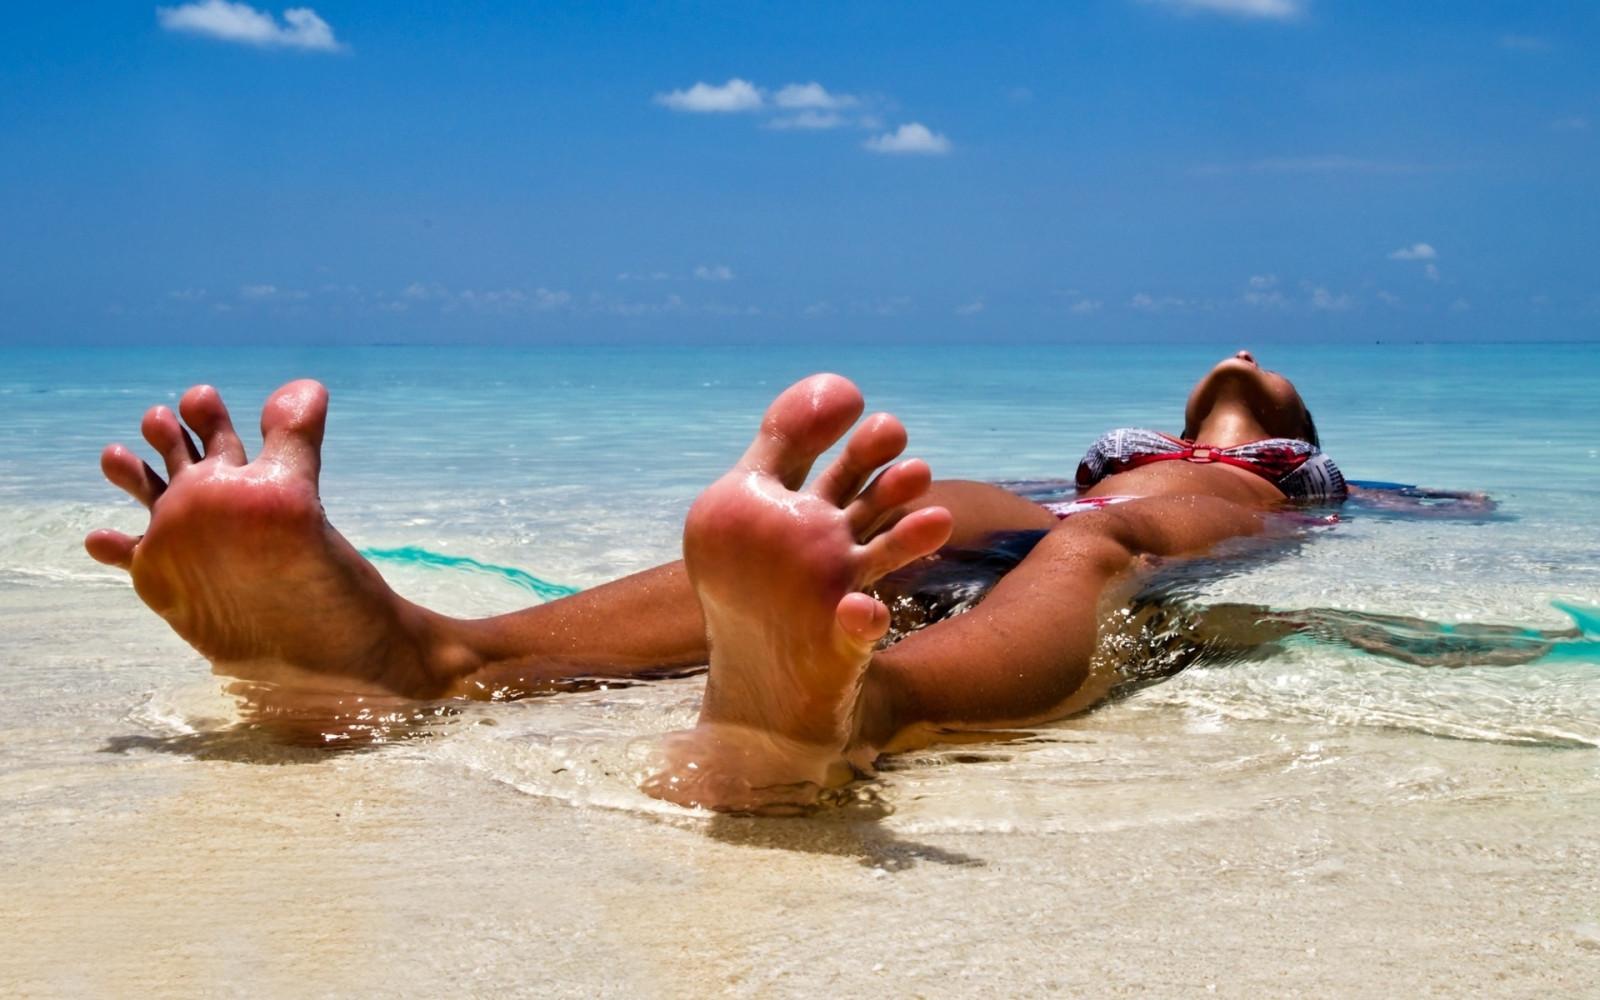 Смешные картинки с надписями отдых на море, открытки наташа днем